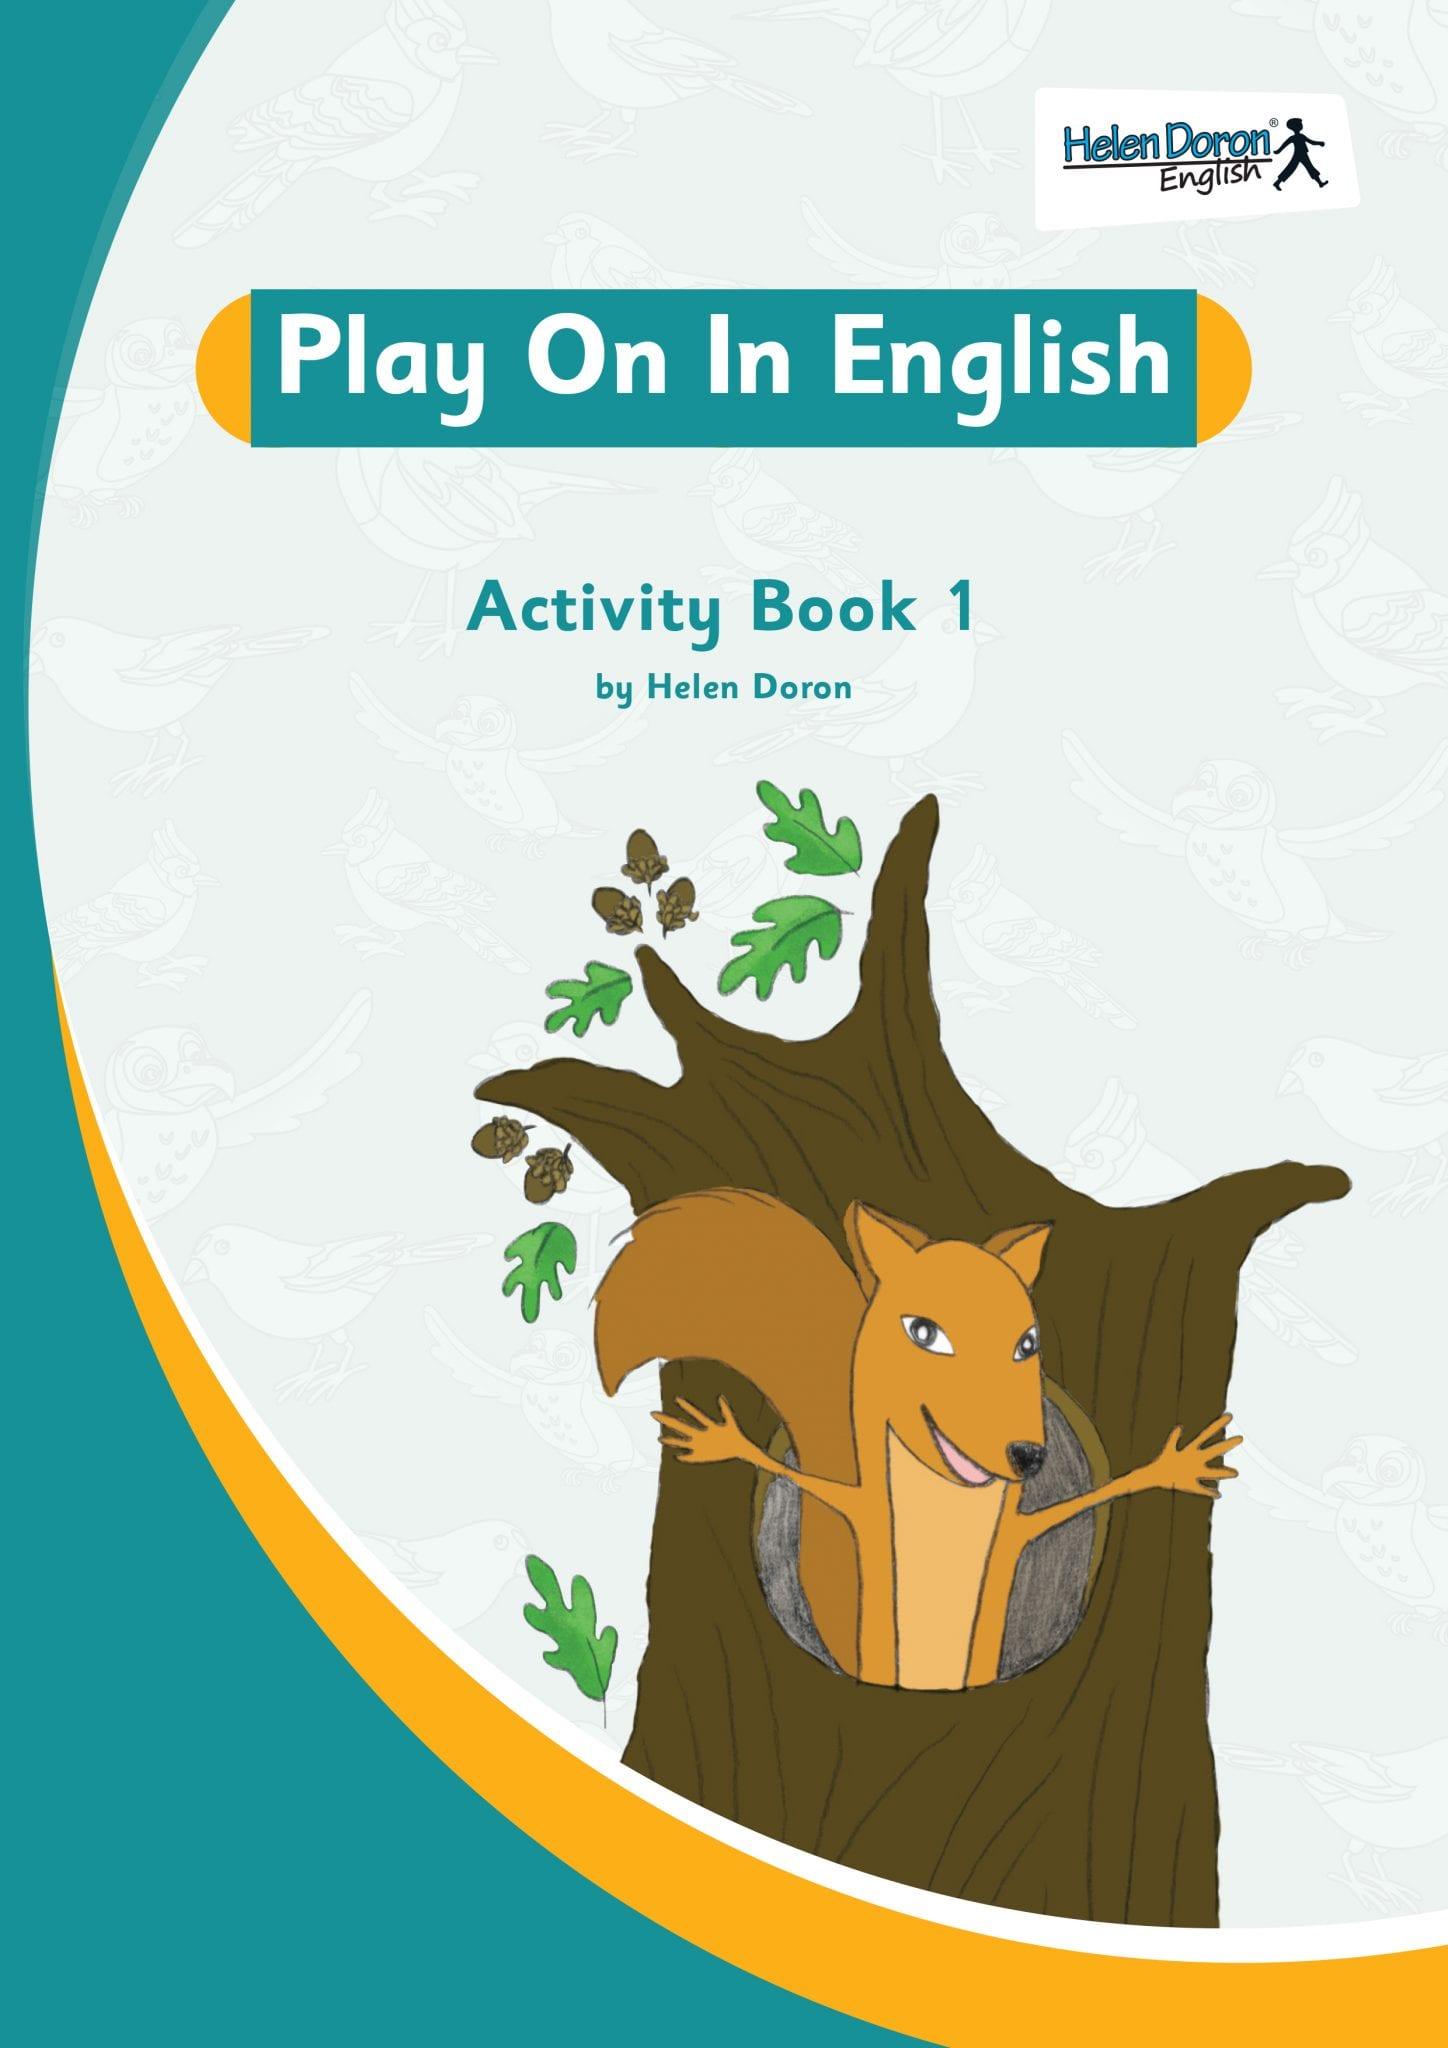 Play On in English - ljetni kurs